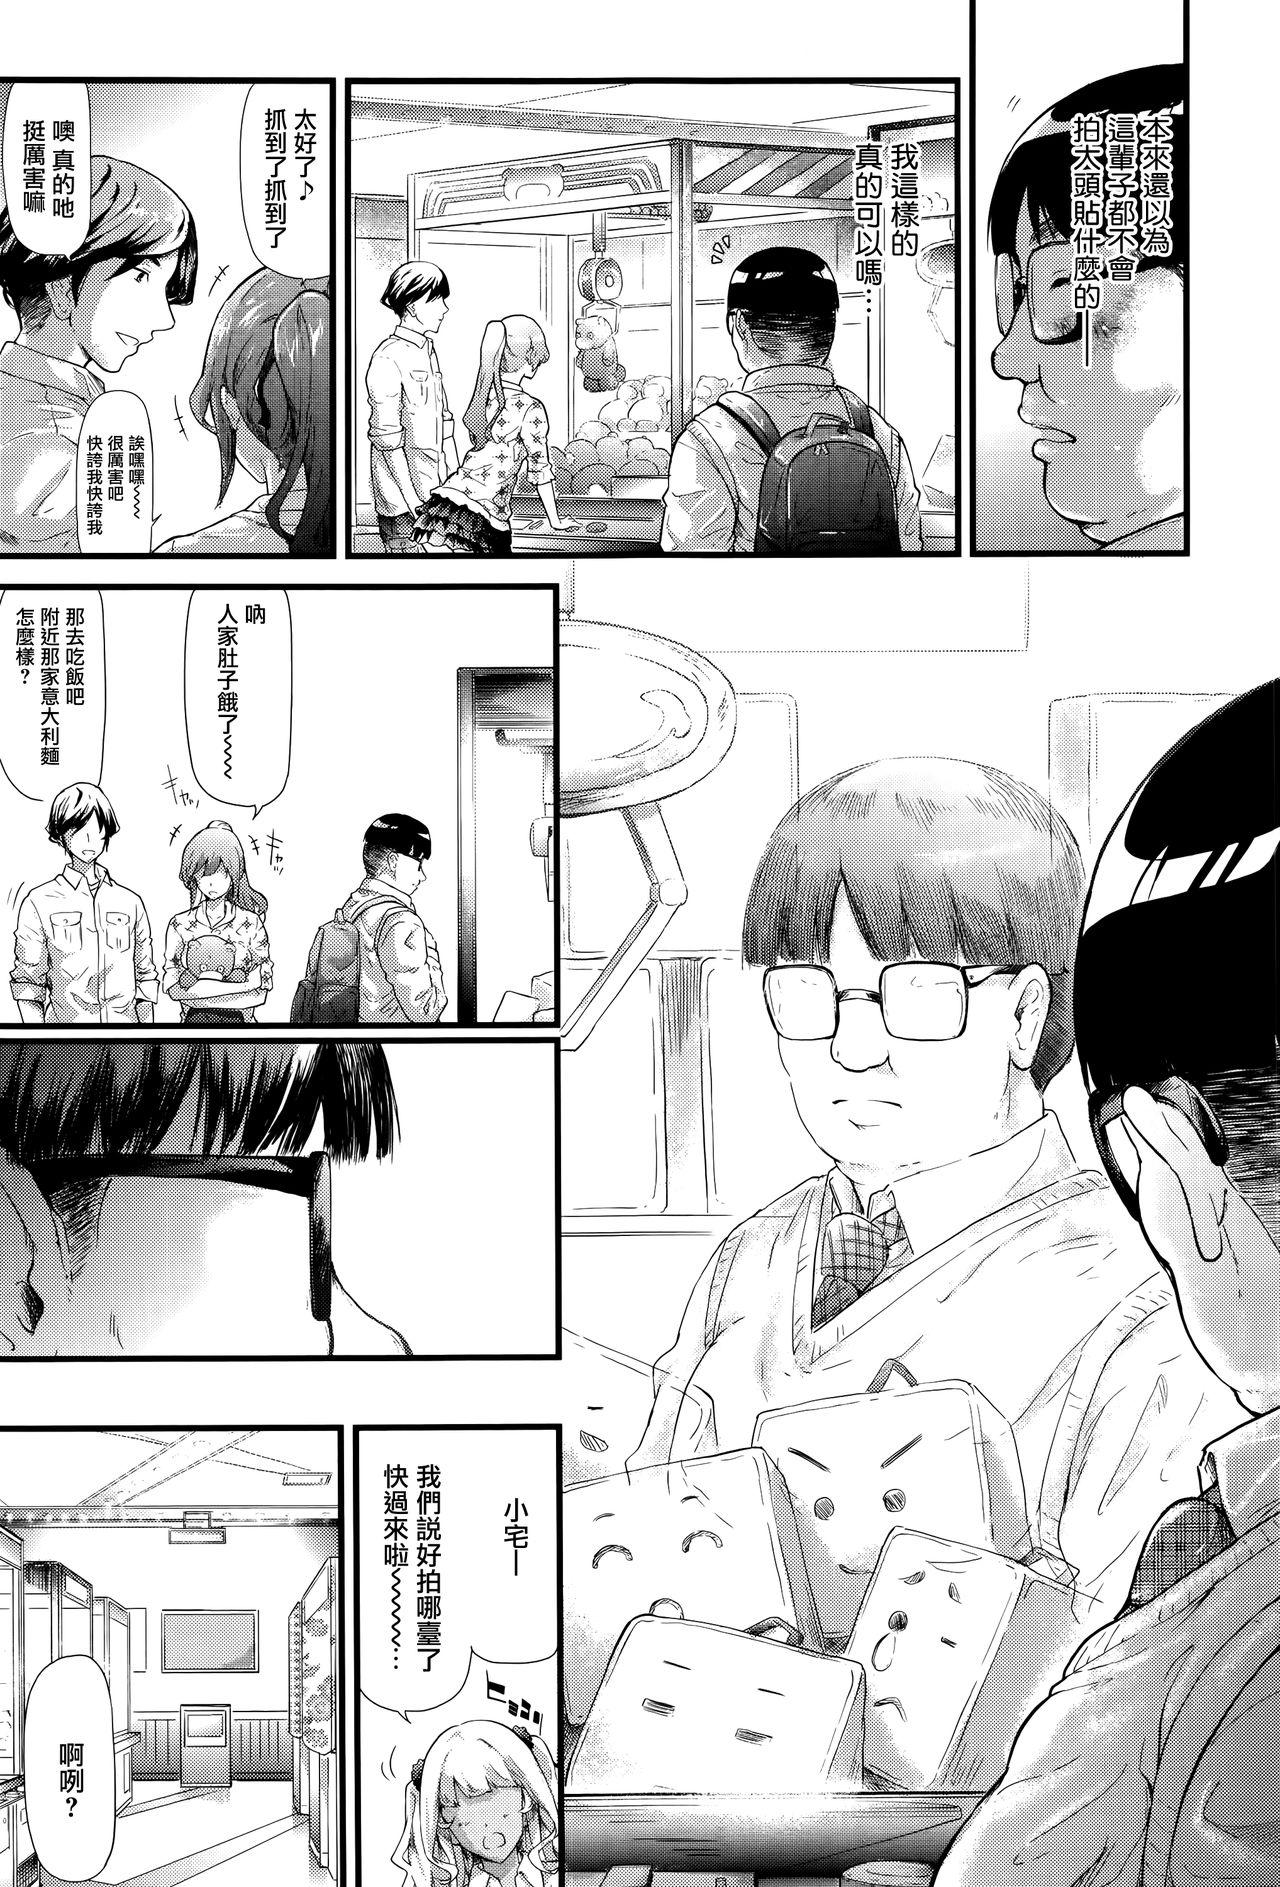 Gyaru to Tomodachi Hajimemashita - Become Friends with Gal 14